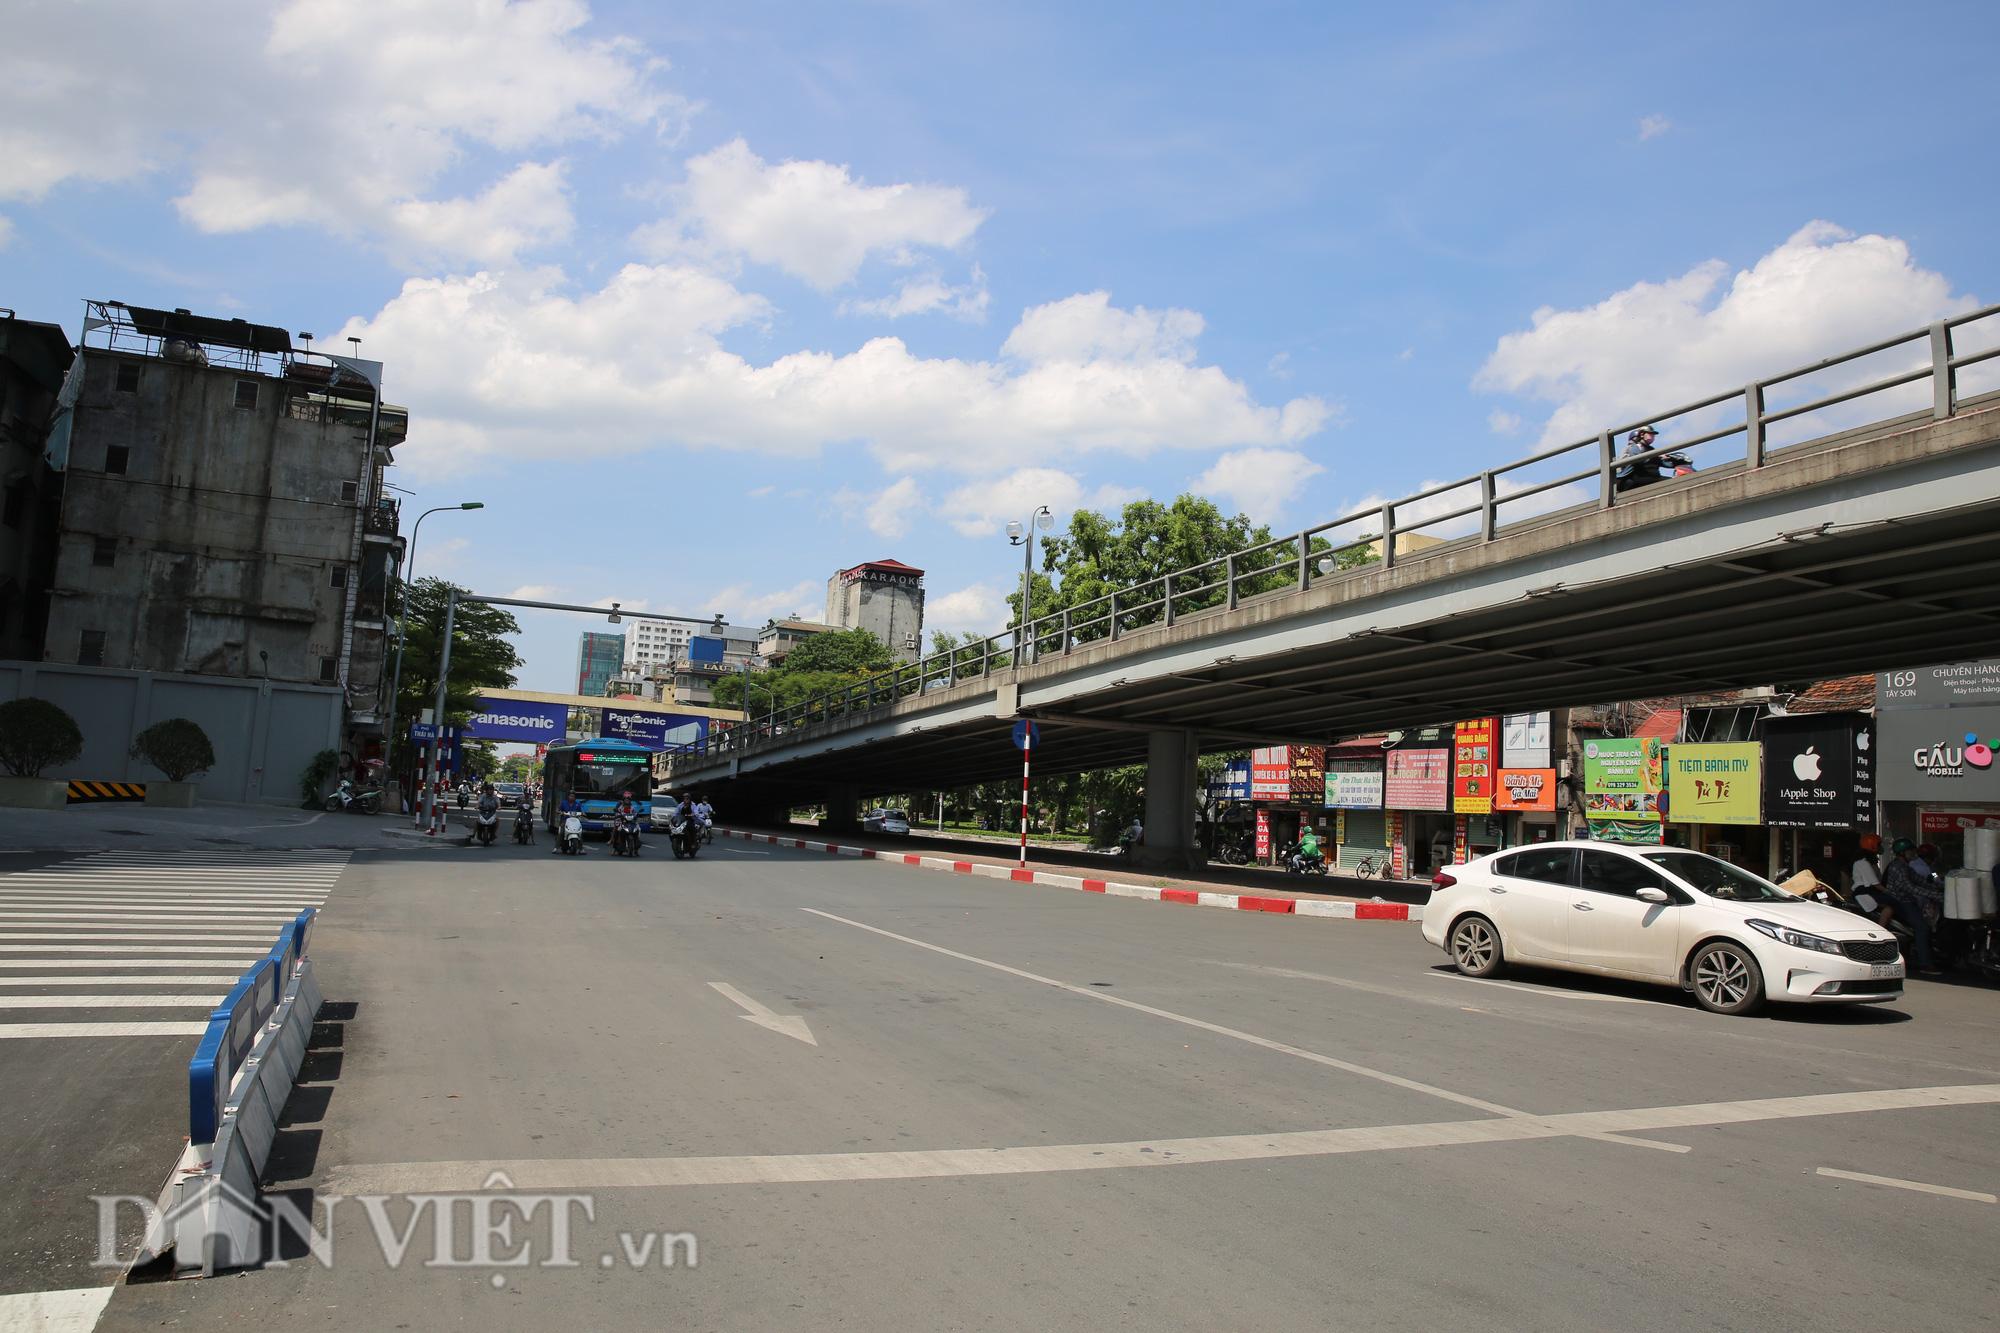 """Đường phố Hà Nội """"bốc hơi"""", người đi đường khốn khổ trong cái nắng 42 độ C - Ảnh 6."""